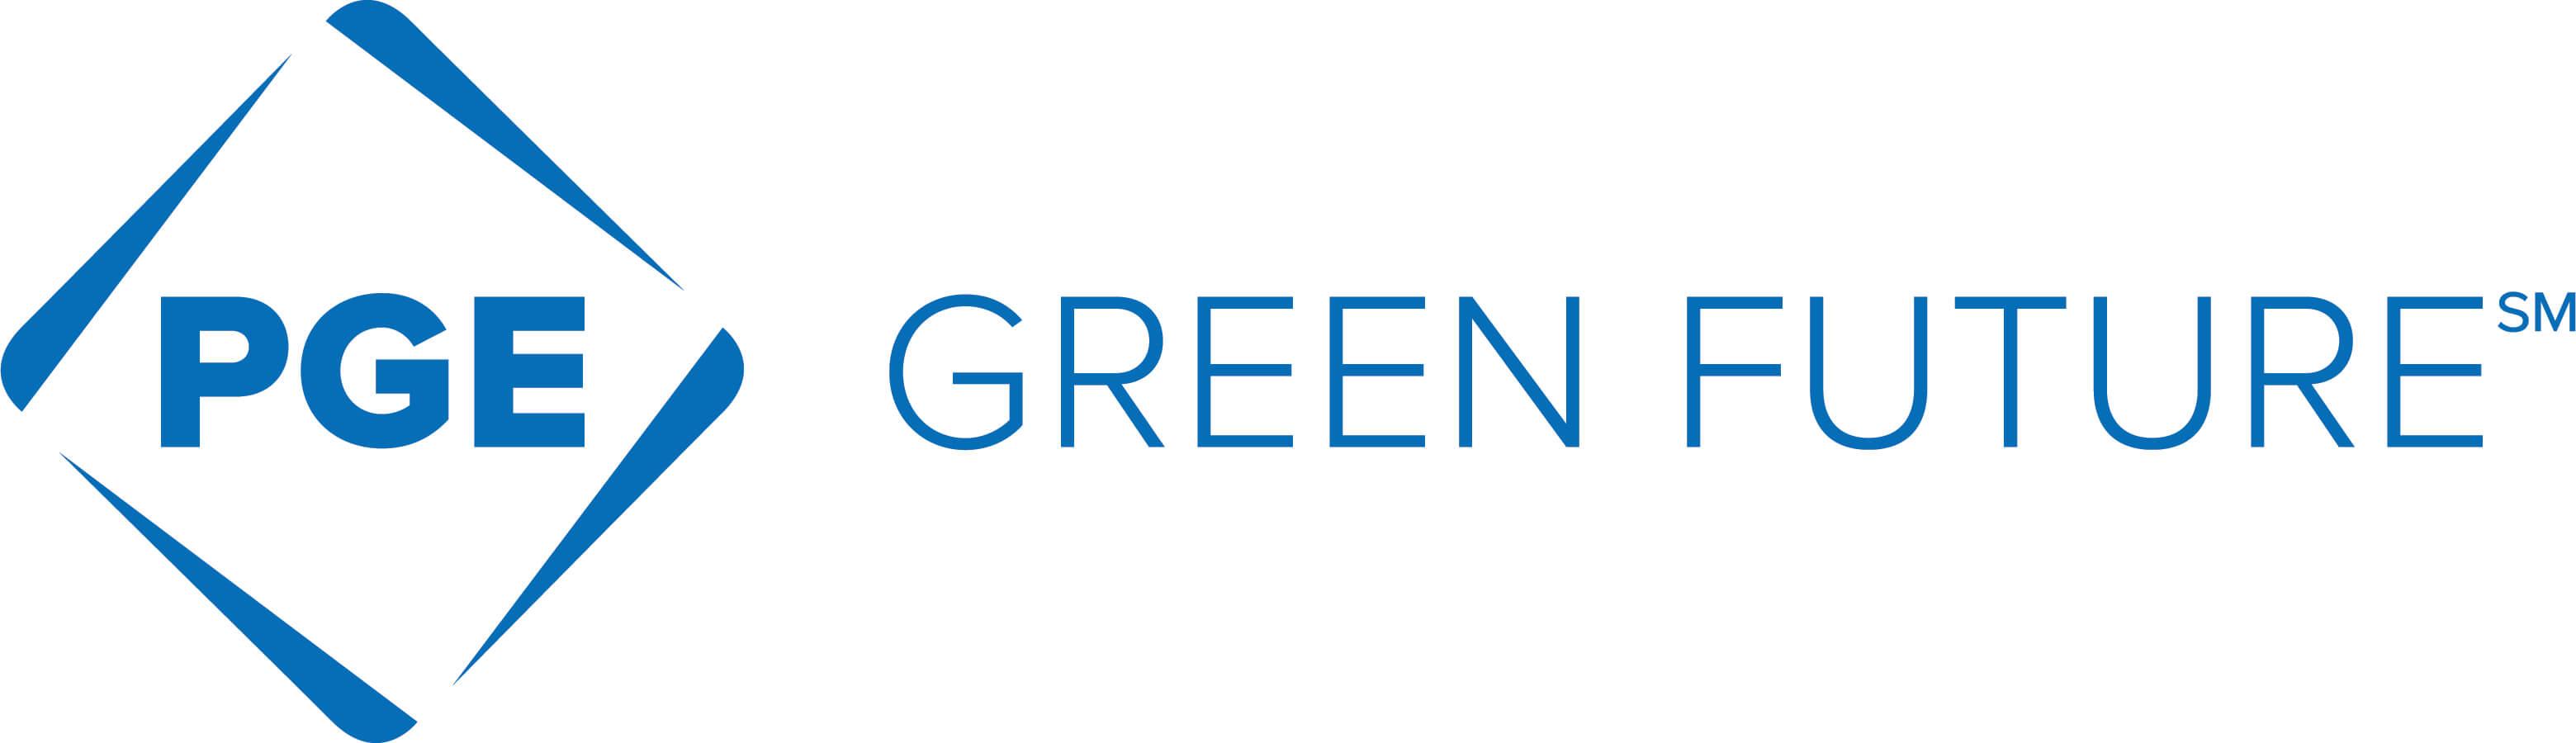 PGE Green Future